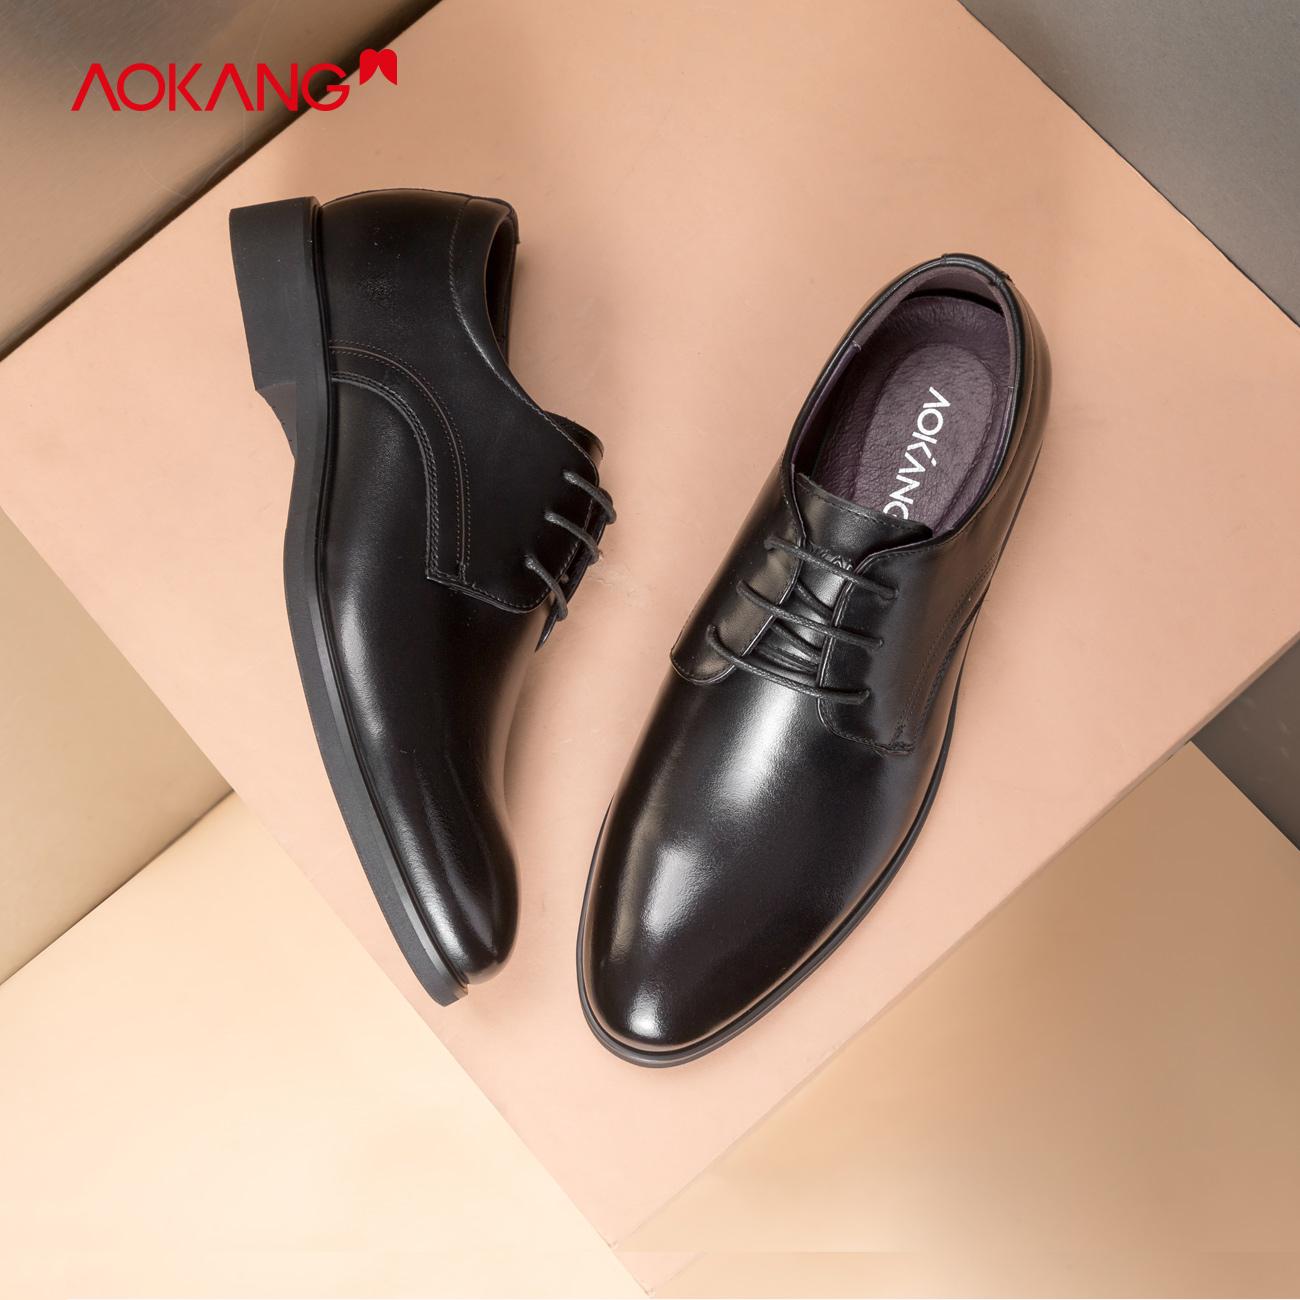 奥康男鞋秋冬季商务正装皮鞋牛皮办公室尖头系带男士工作大码皮鞋